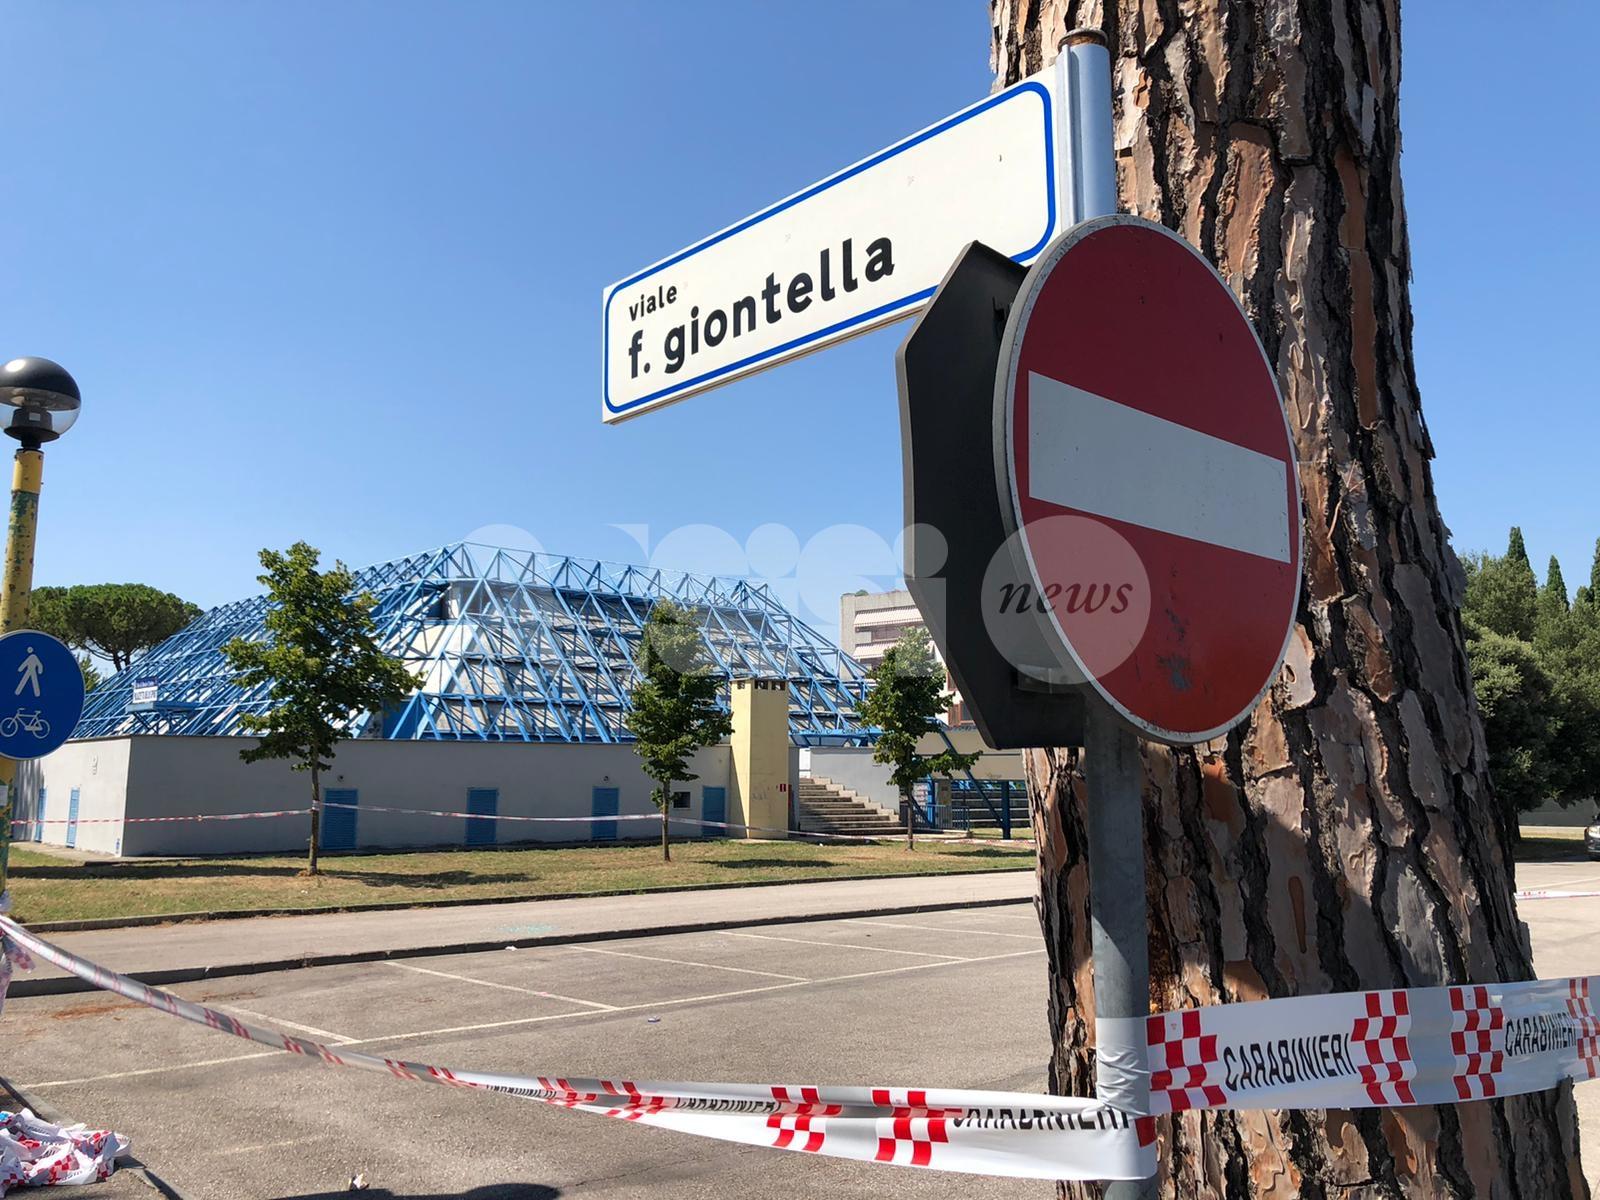 Rissa a Bastia Umbra finisce in tragedia: morto un giovane, indagini in corso (foto)